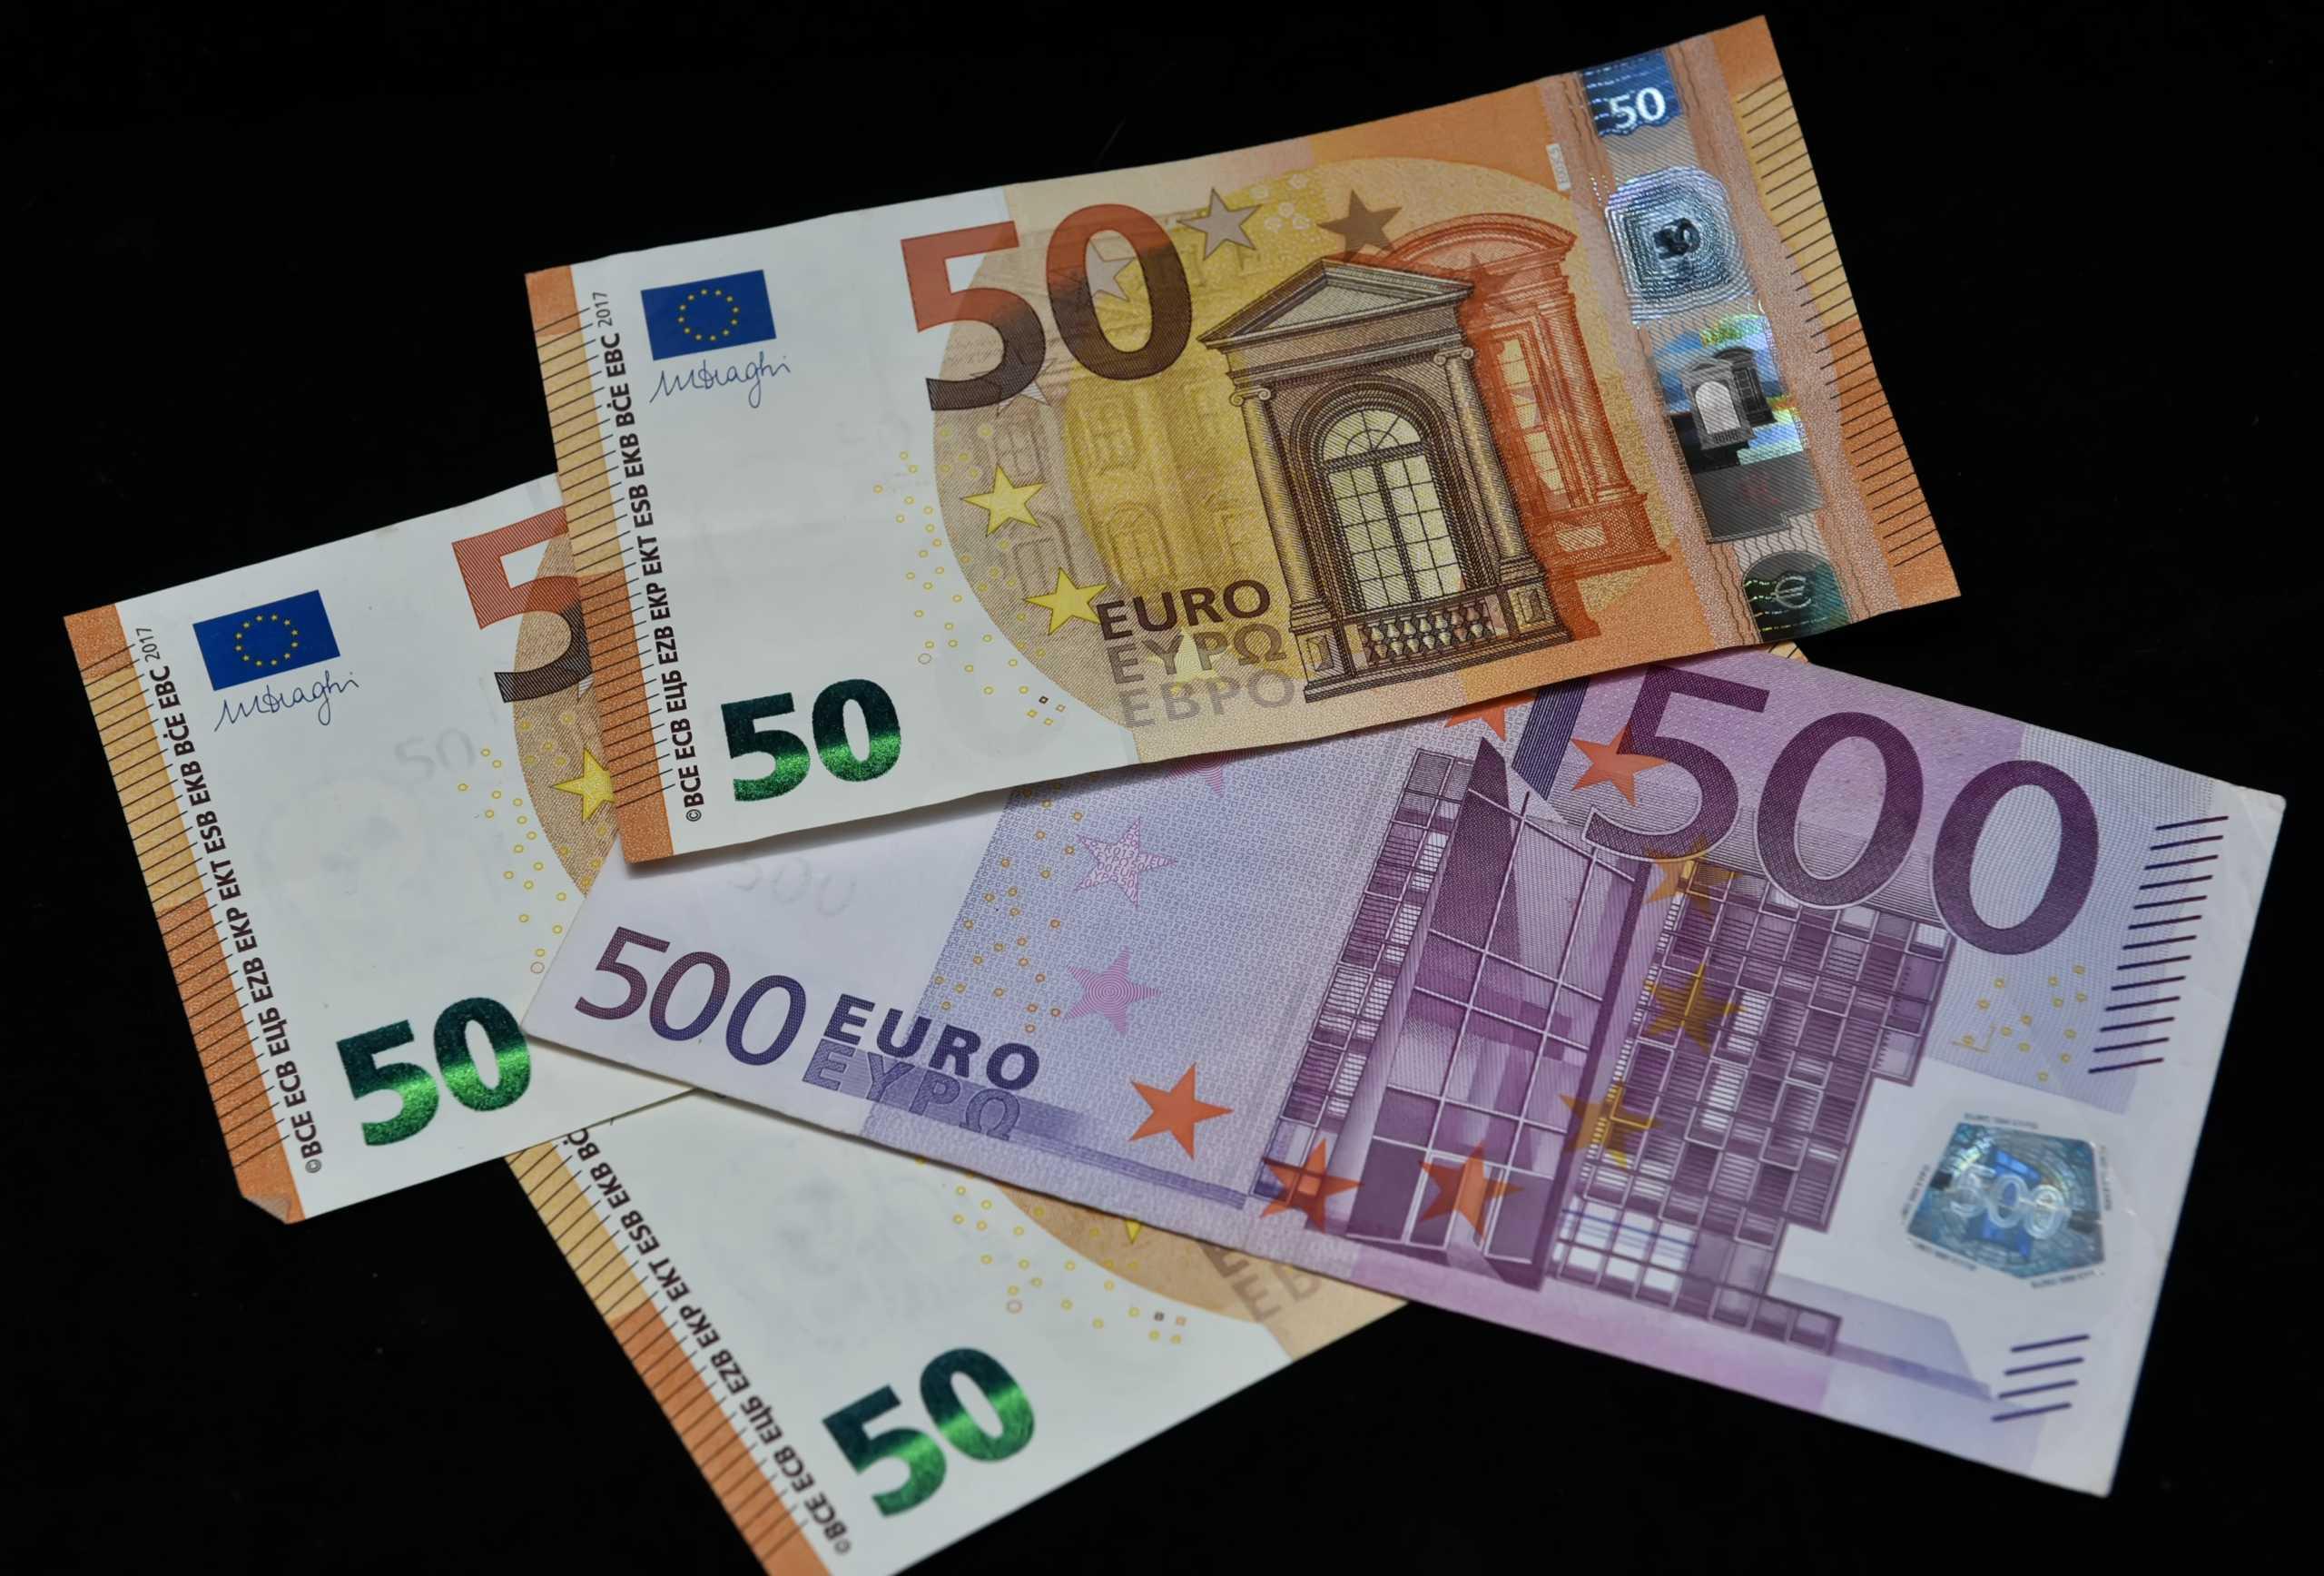 """Η εκδοχή της φίλης που κατηγορείται ότι """"βούτηξε"""" 300.000 ευρώ από την κολλητή της"""